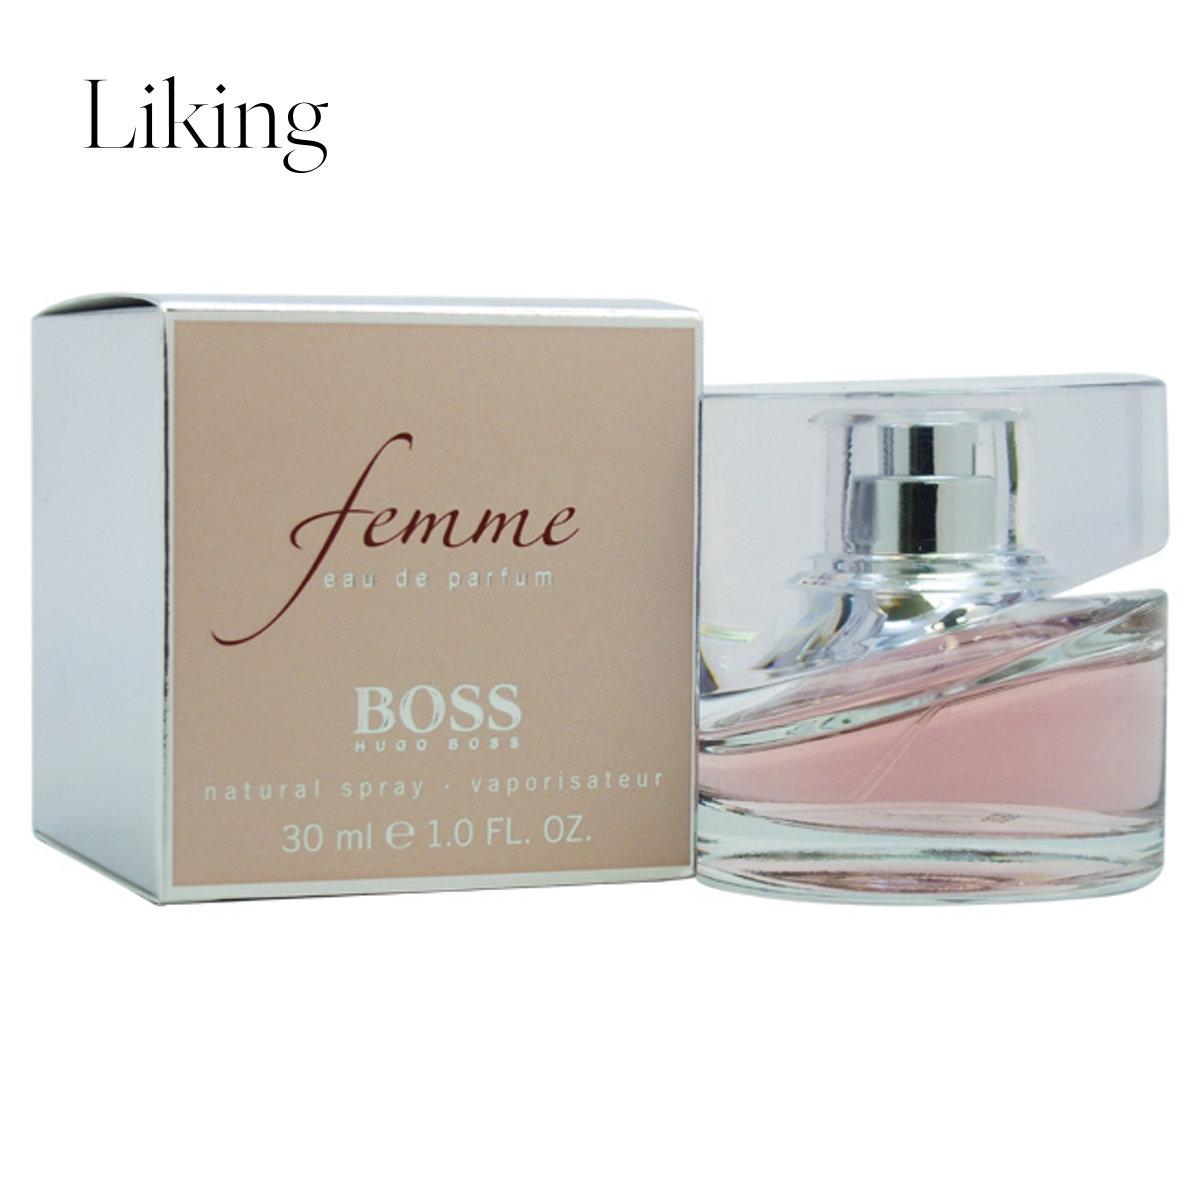 hugo boss Femme 魅力持久浓郁迷人女士浓香水EDP 30ml美国直邮